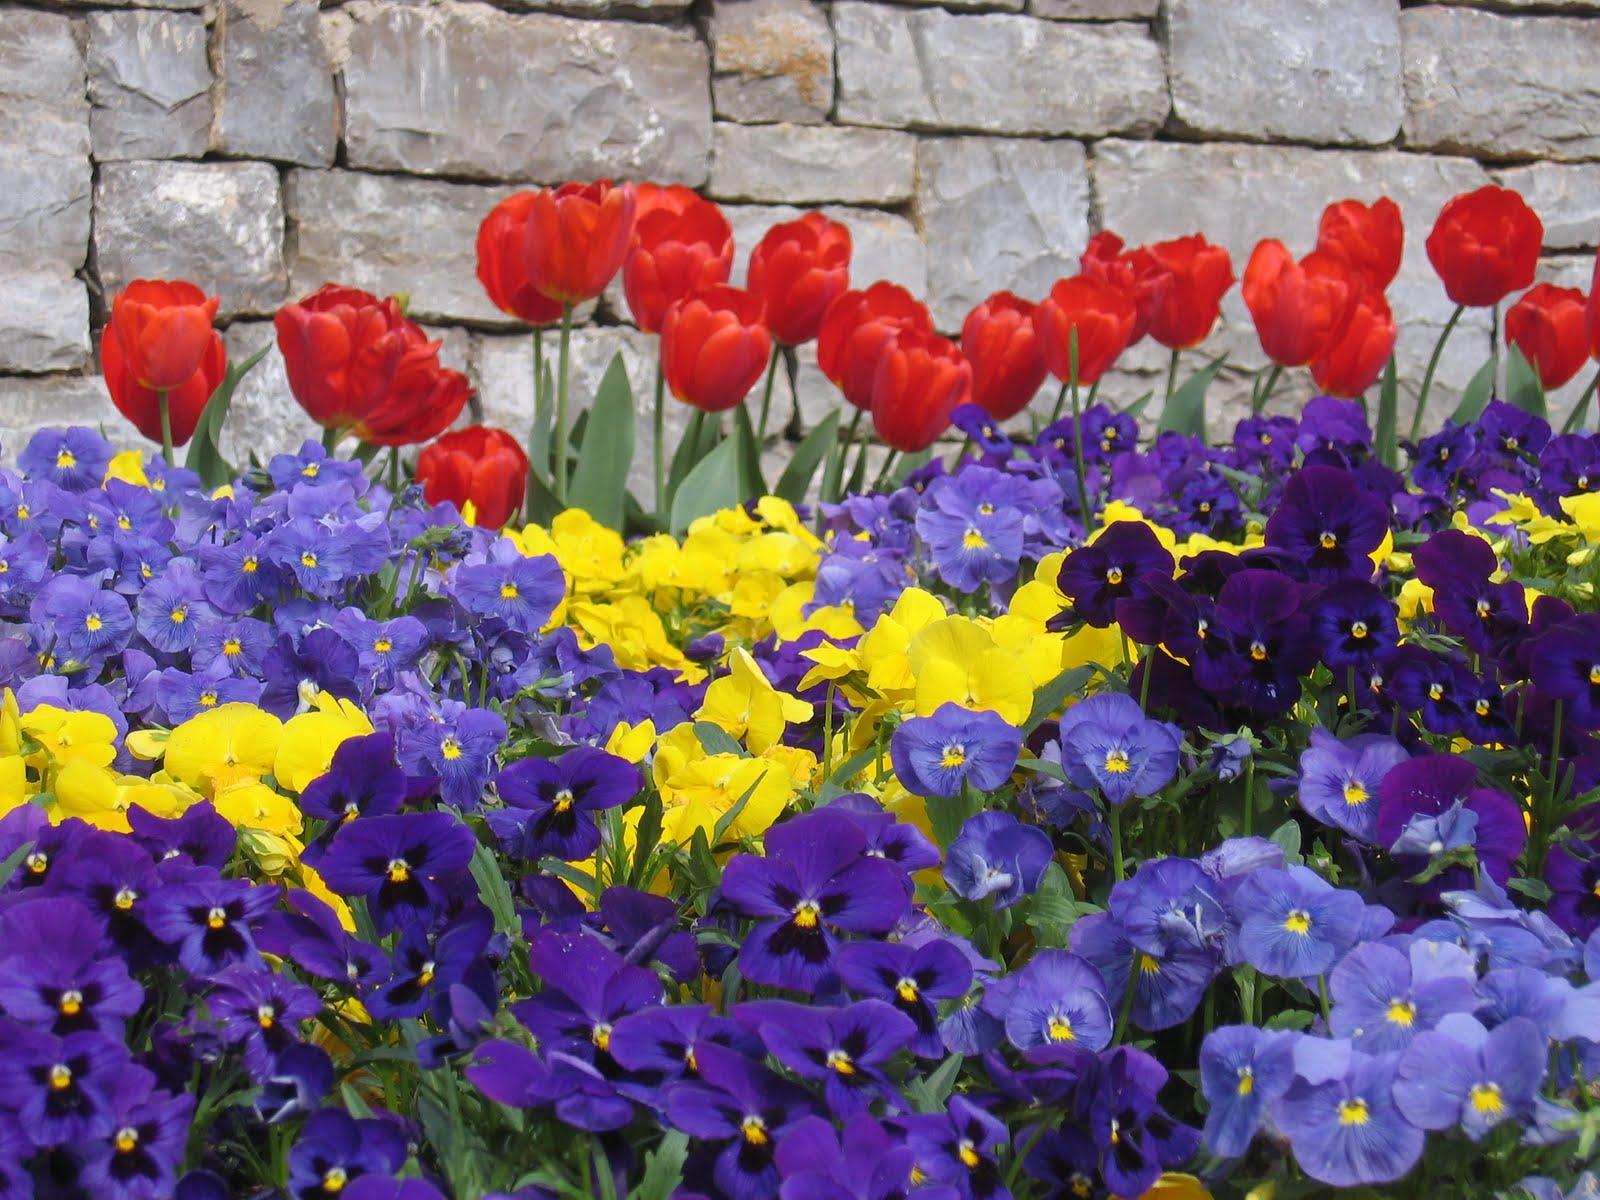 Szeretnél sok-sok hagymást a kertbe? Íme egy profi ültetési terv!